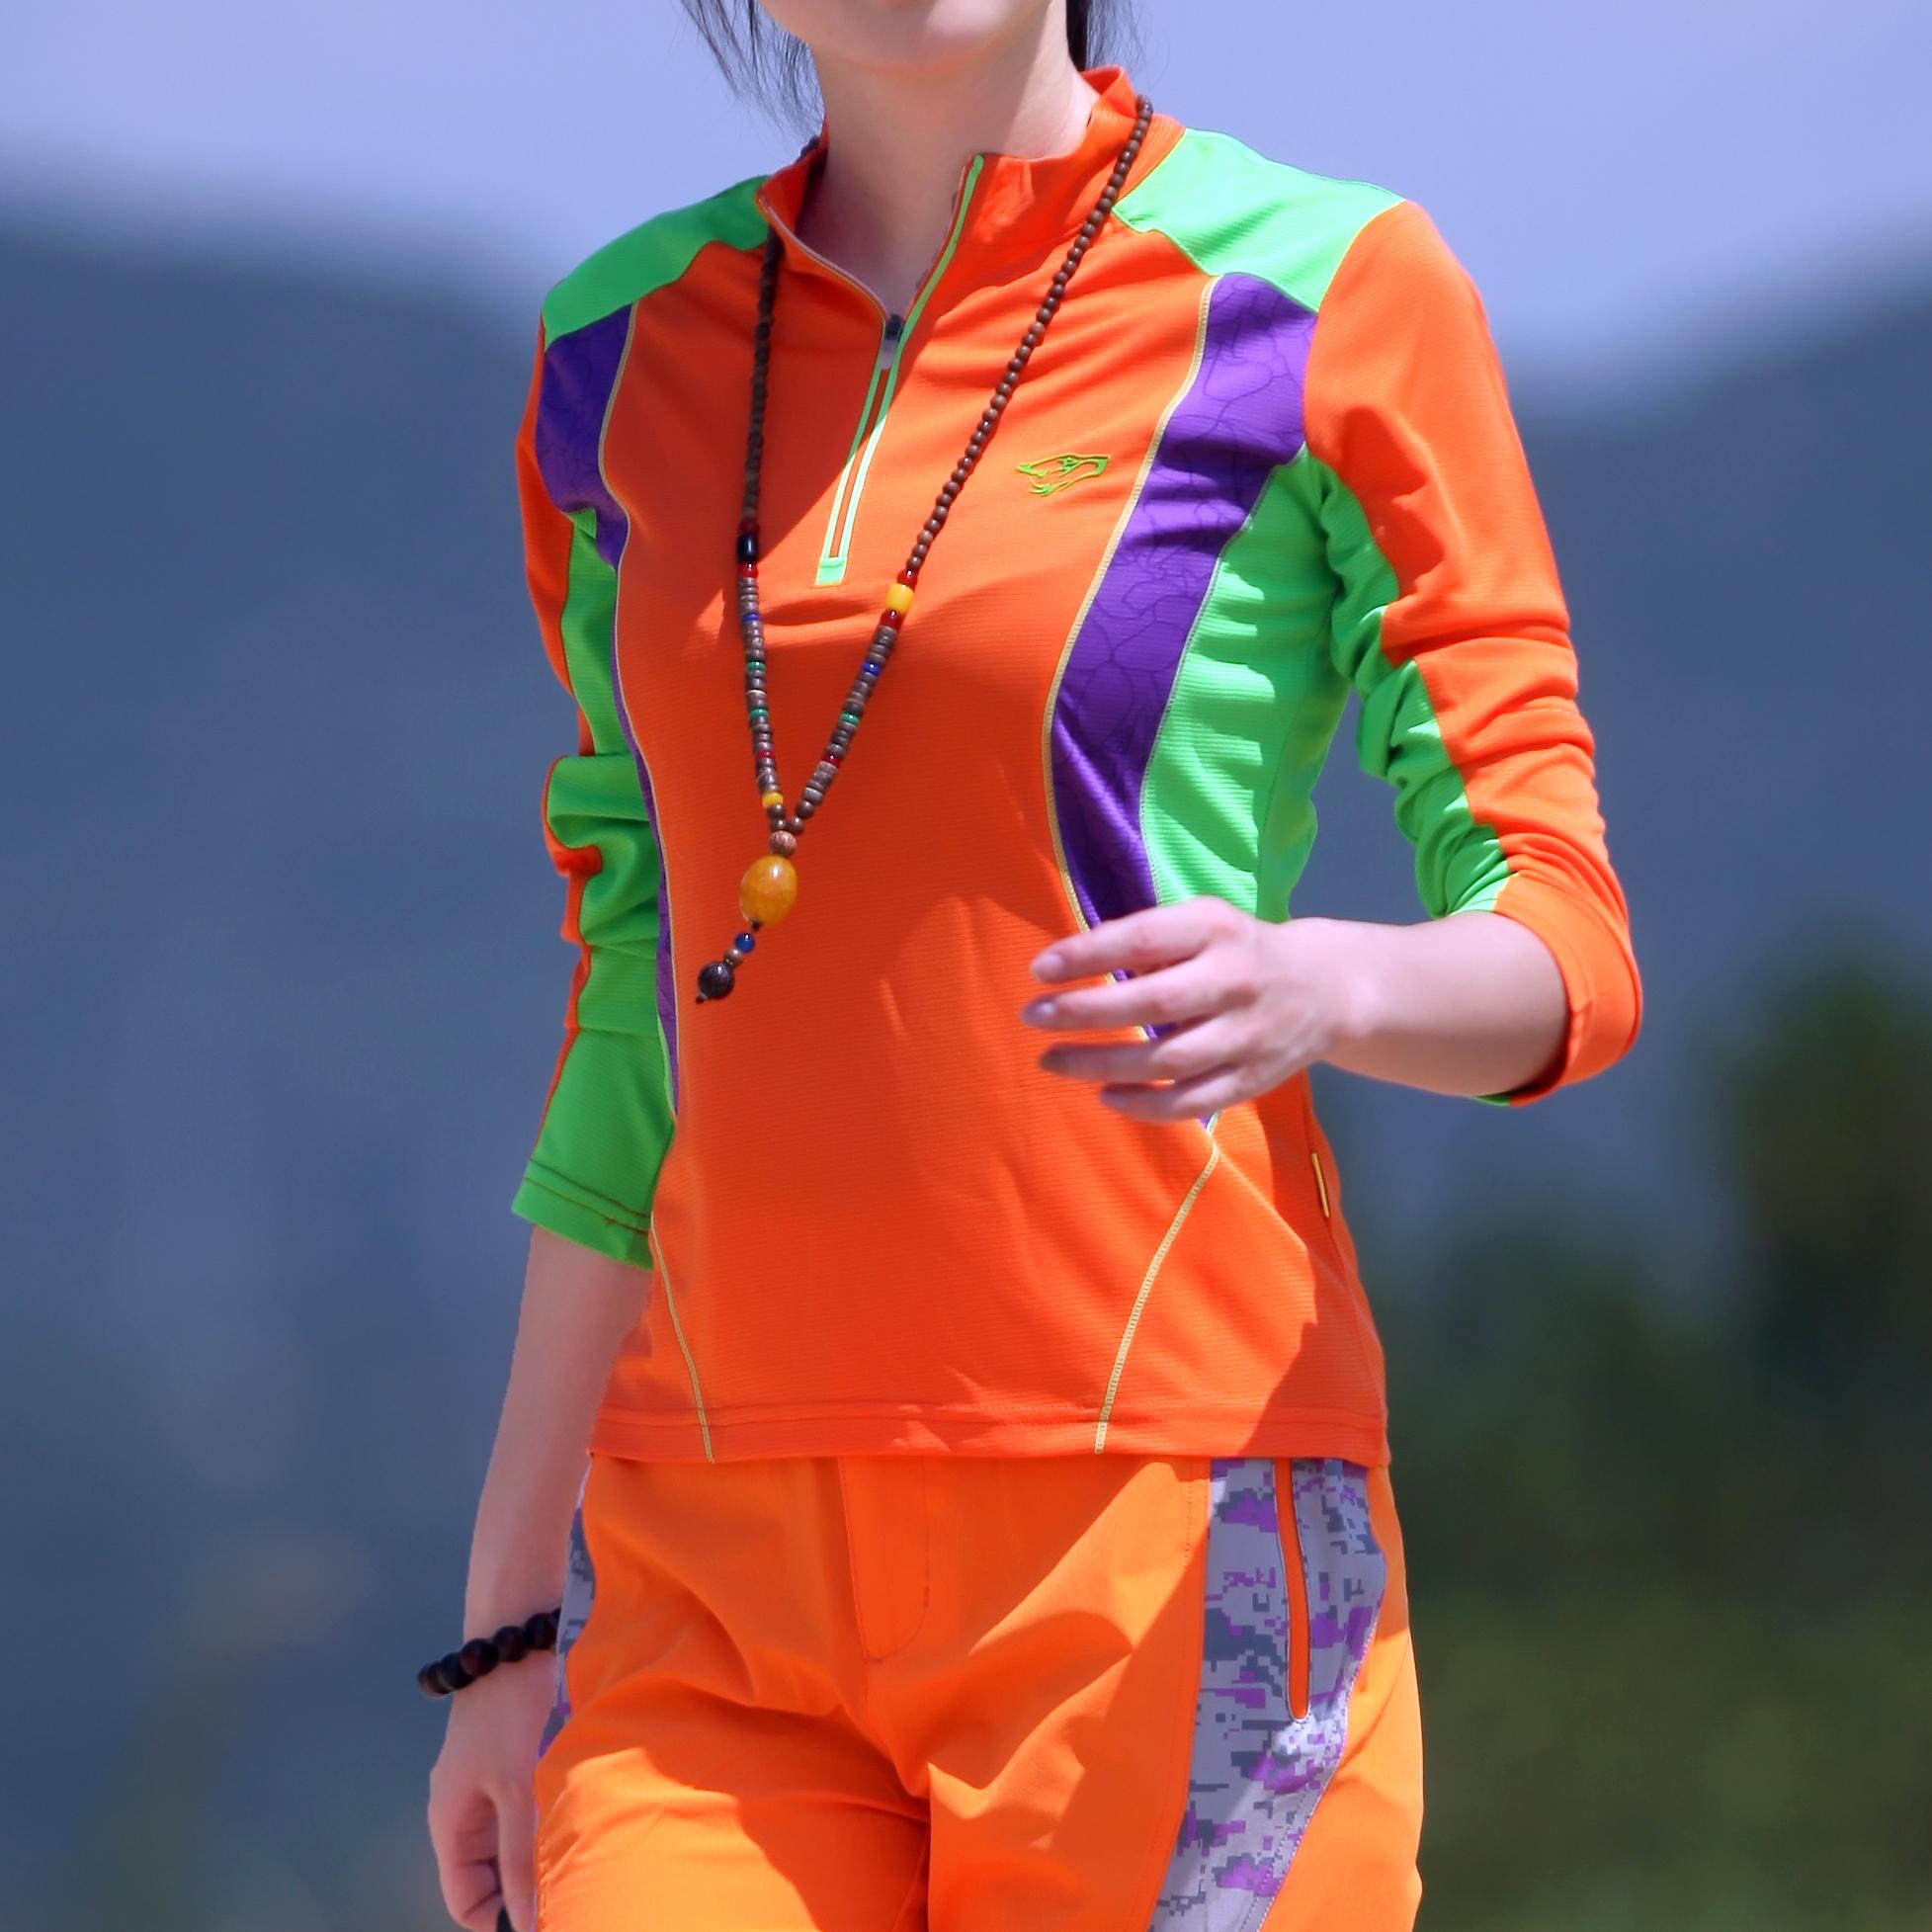 限时秒杀户外速干衣女长袖运动t恤立领透气大码修身跑步登山防晒快干上衣